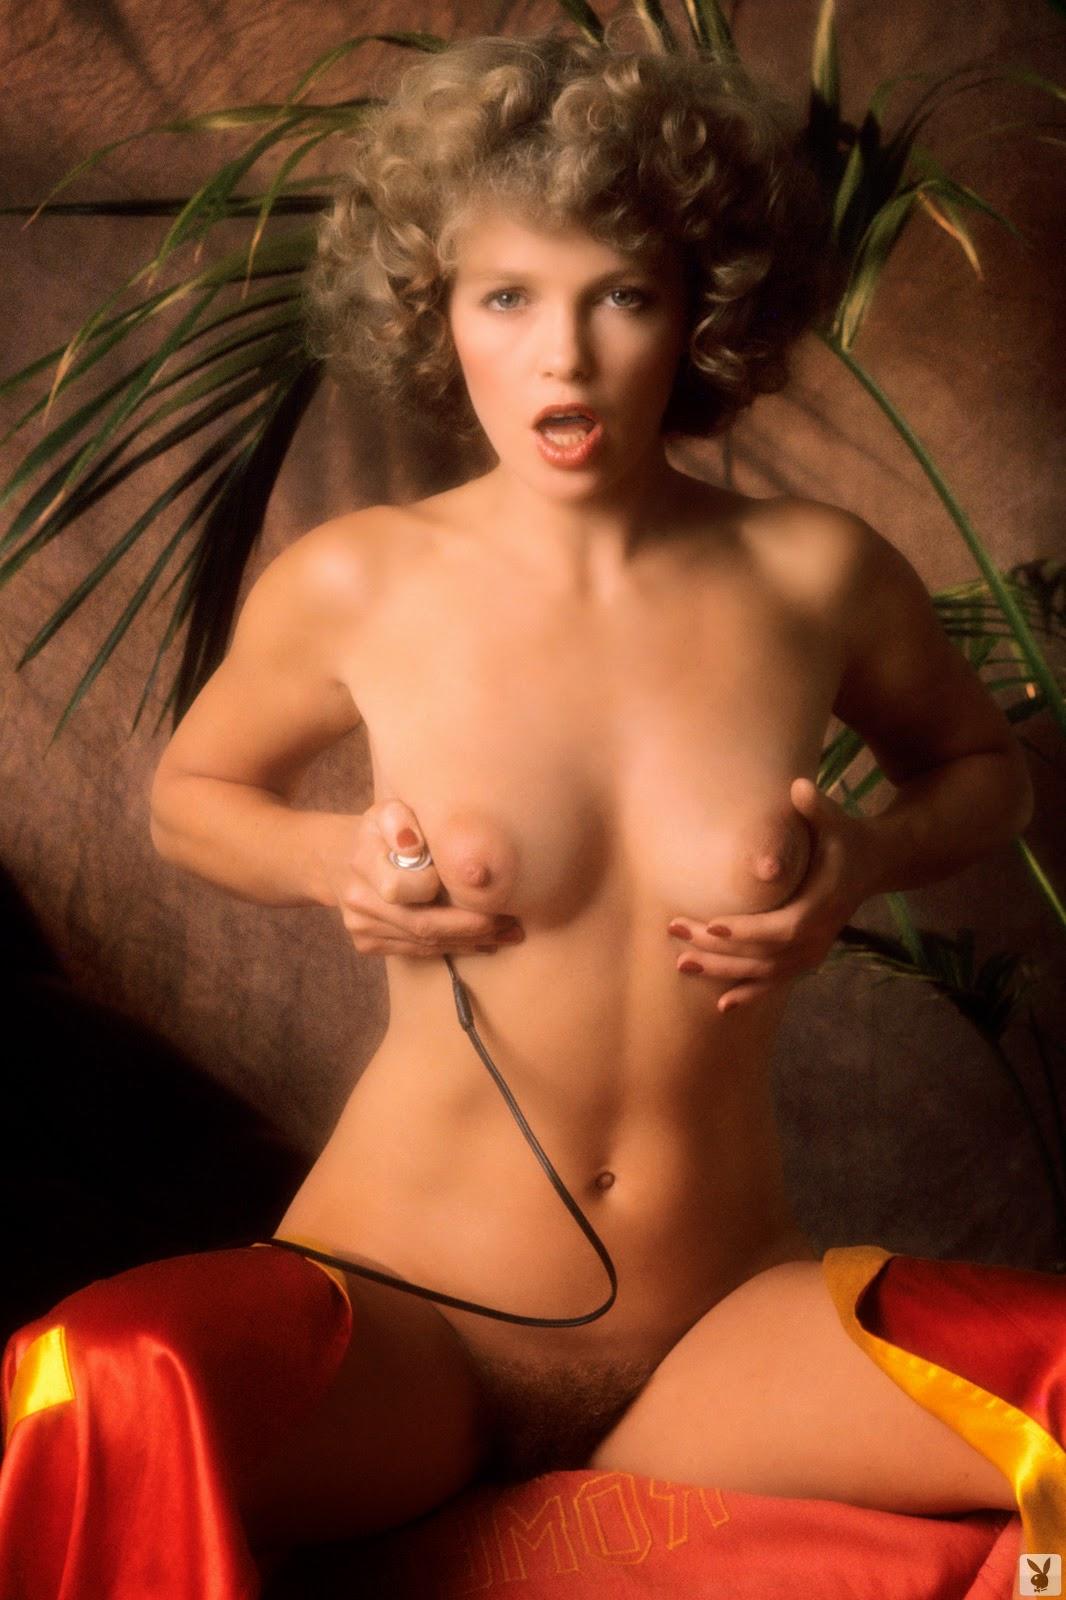 Suze randall naked